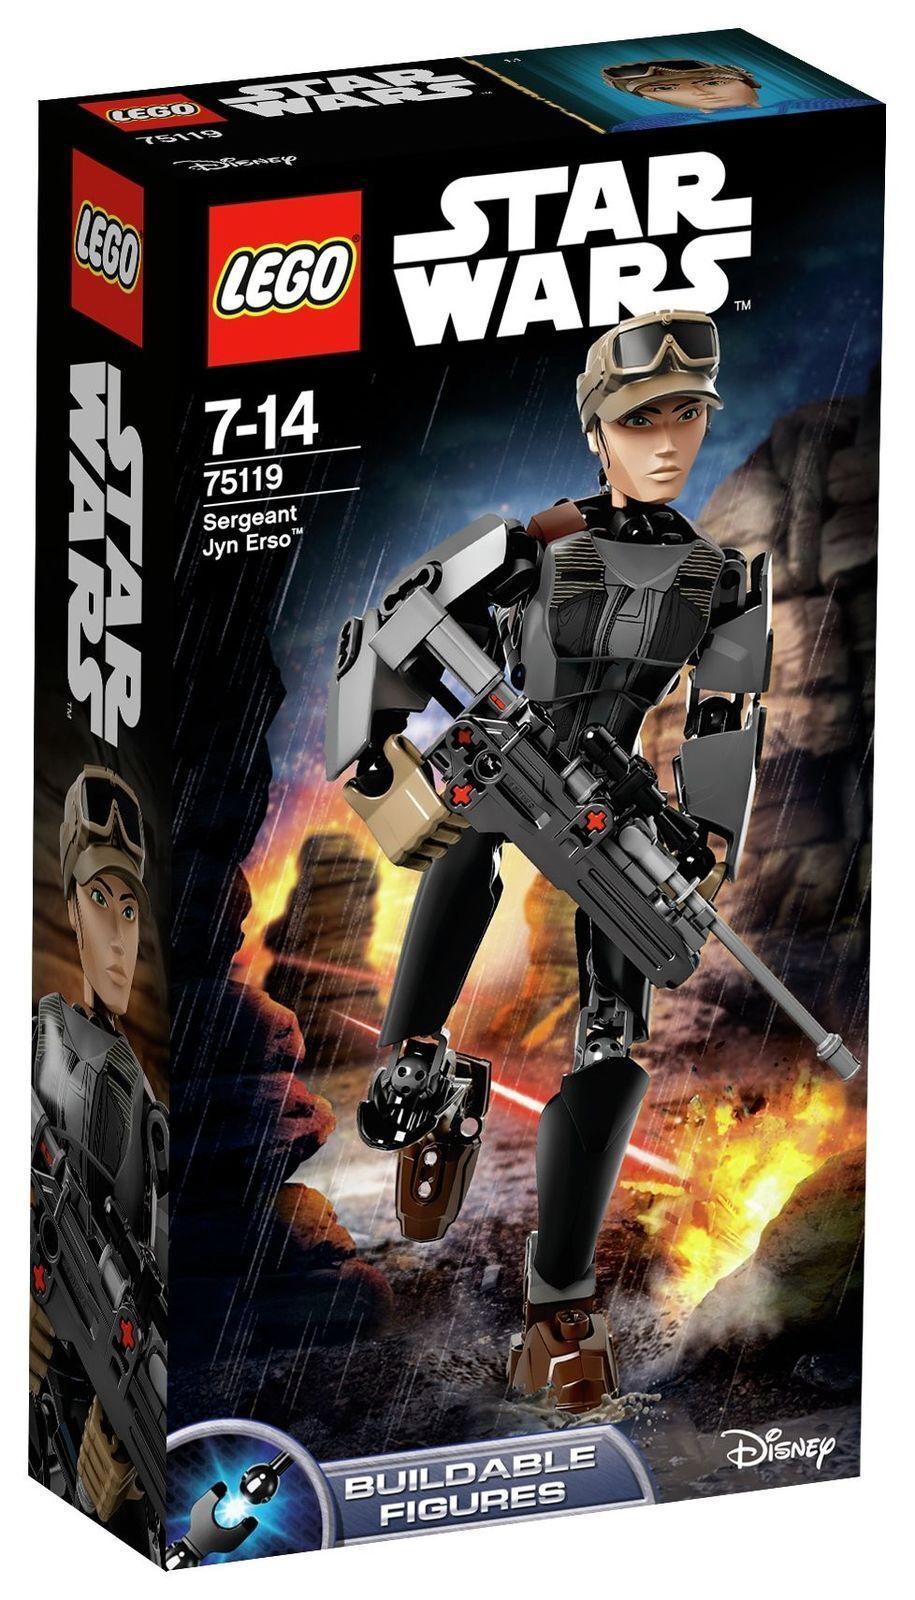 LEGO Star Wars R1 Jyn Erso Figure - 75119